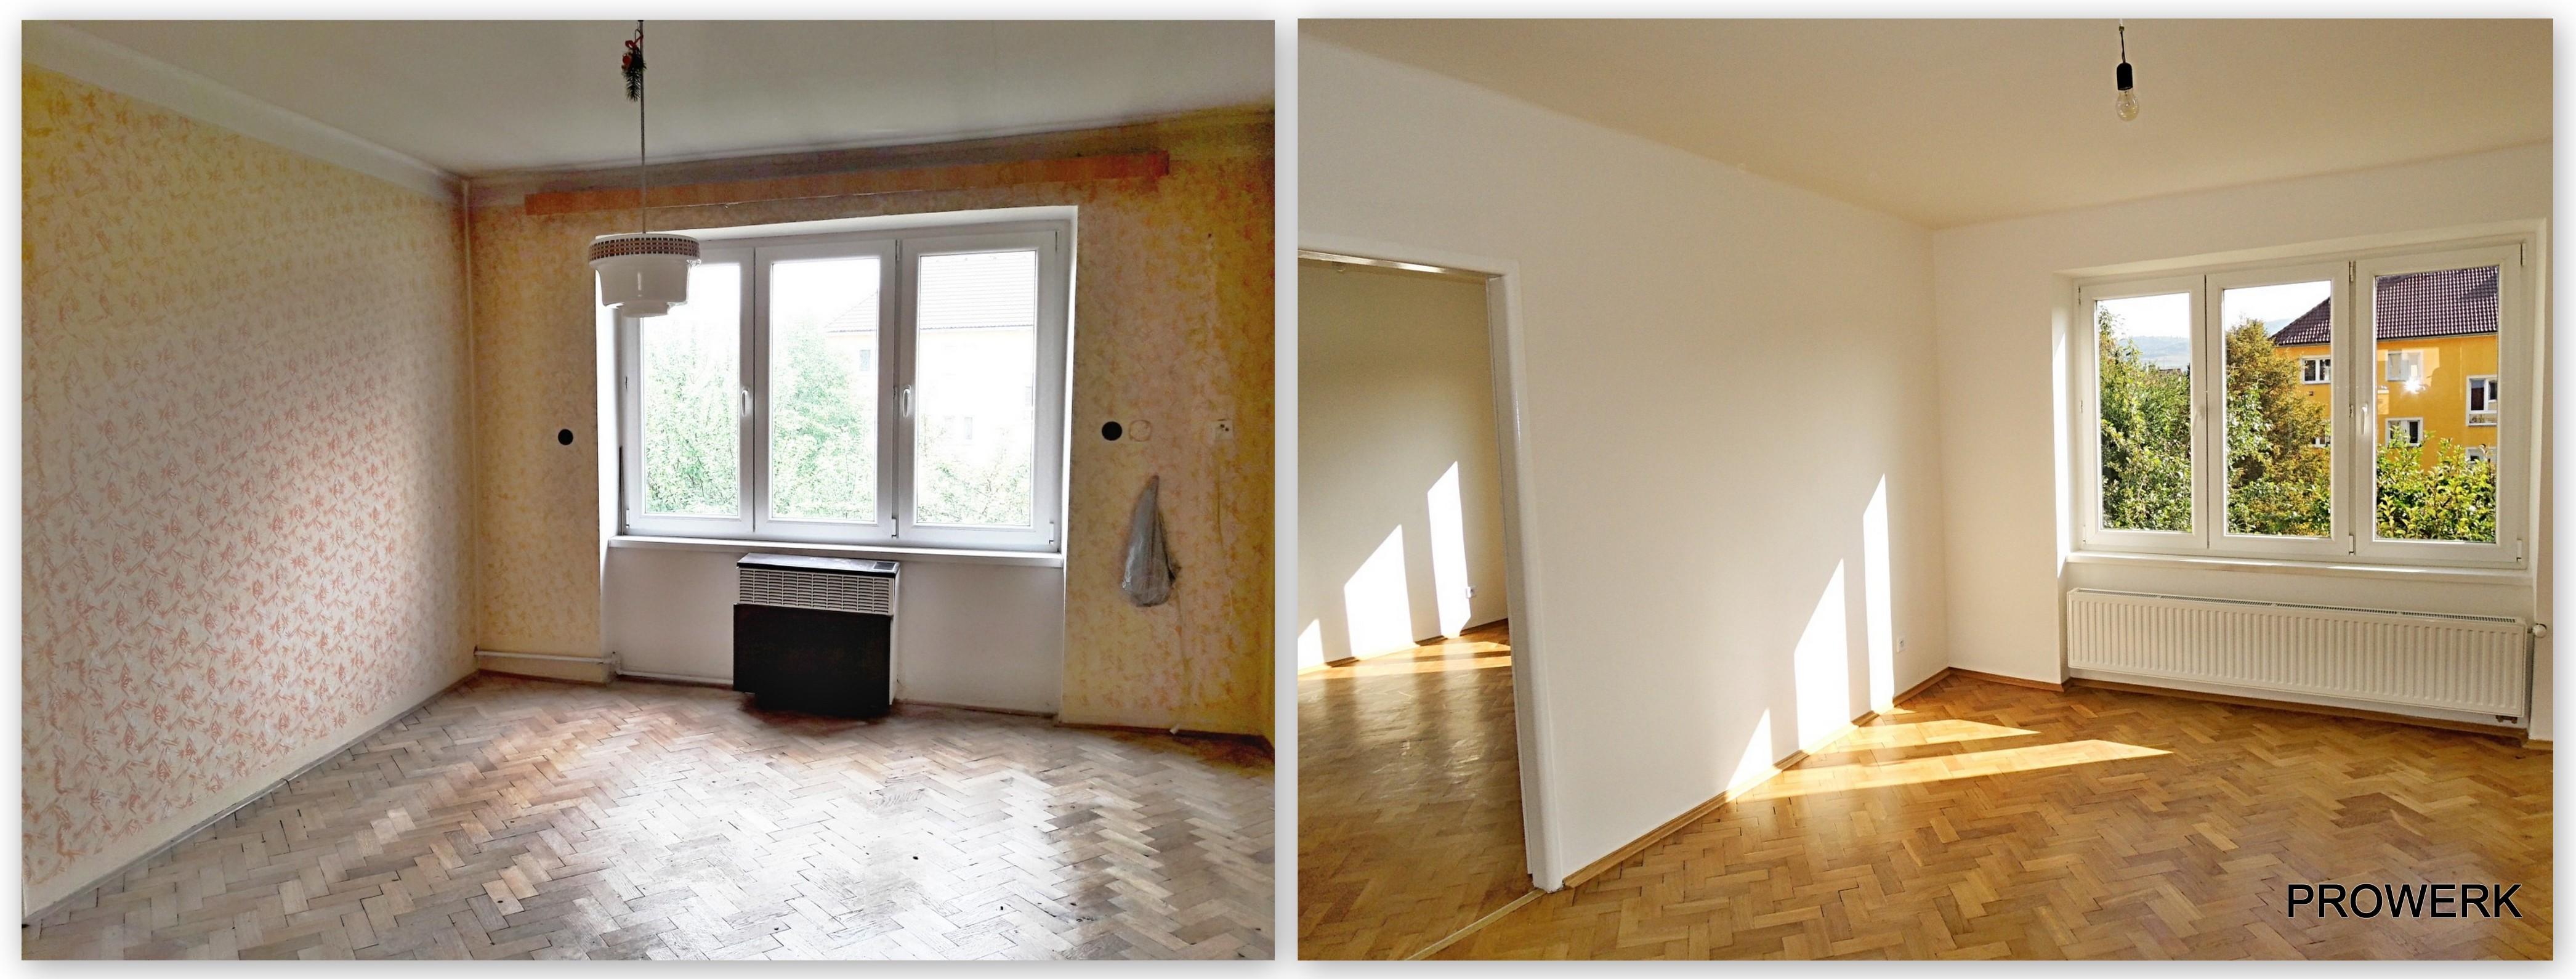 rekonstrukce_bytu_prowerk_obyvaci_pokoj